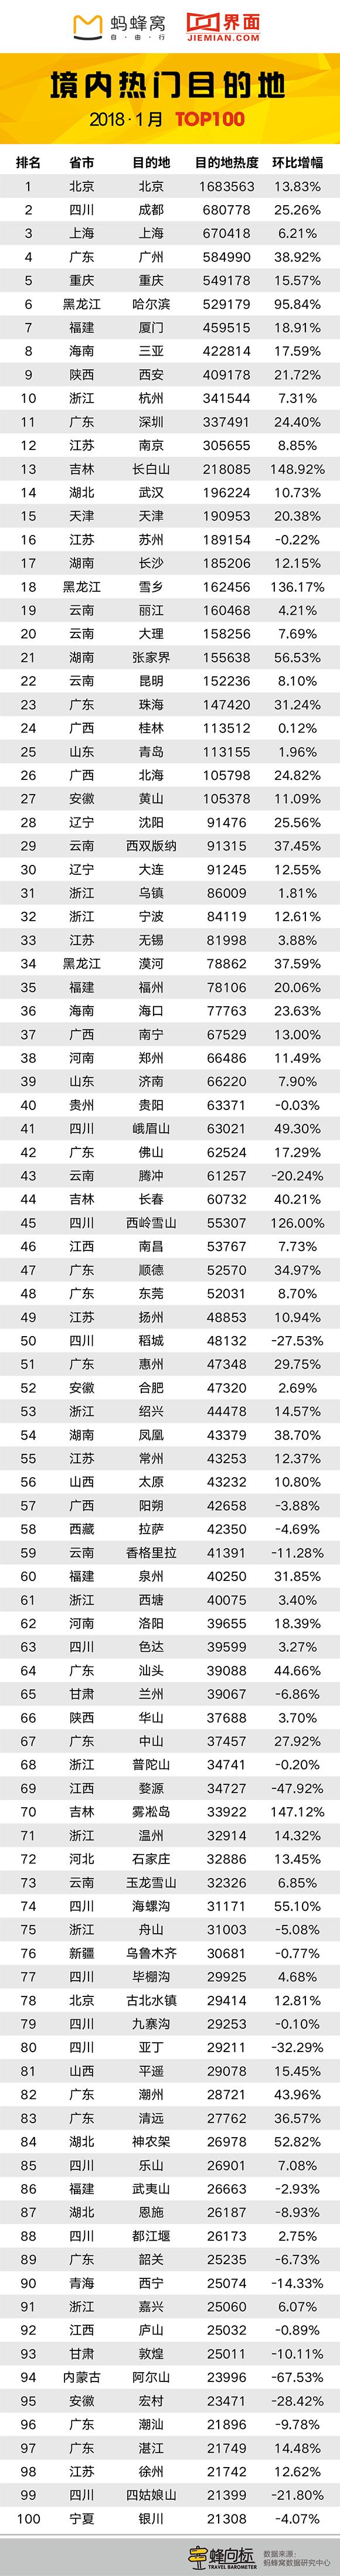 """蚂蜂窝X界面:冰雪旅游成春节出行""""主旋律"""""""